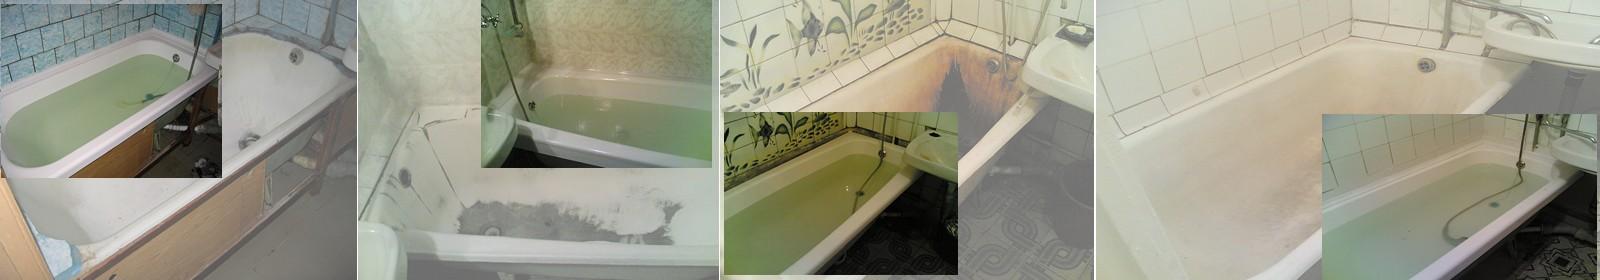 Реставрация ванны, наливная ванна, ванна в ванну